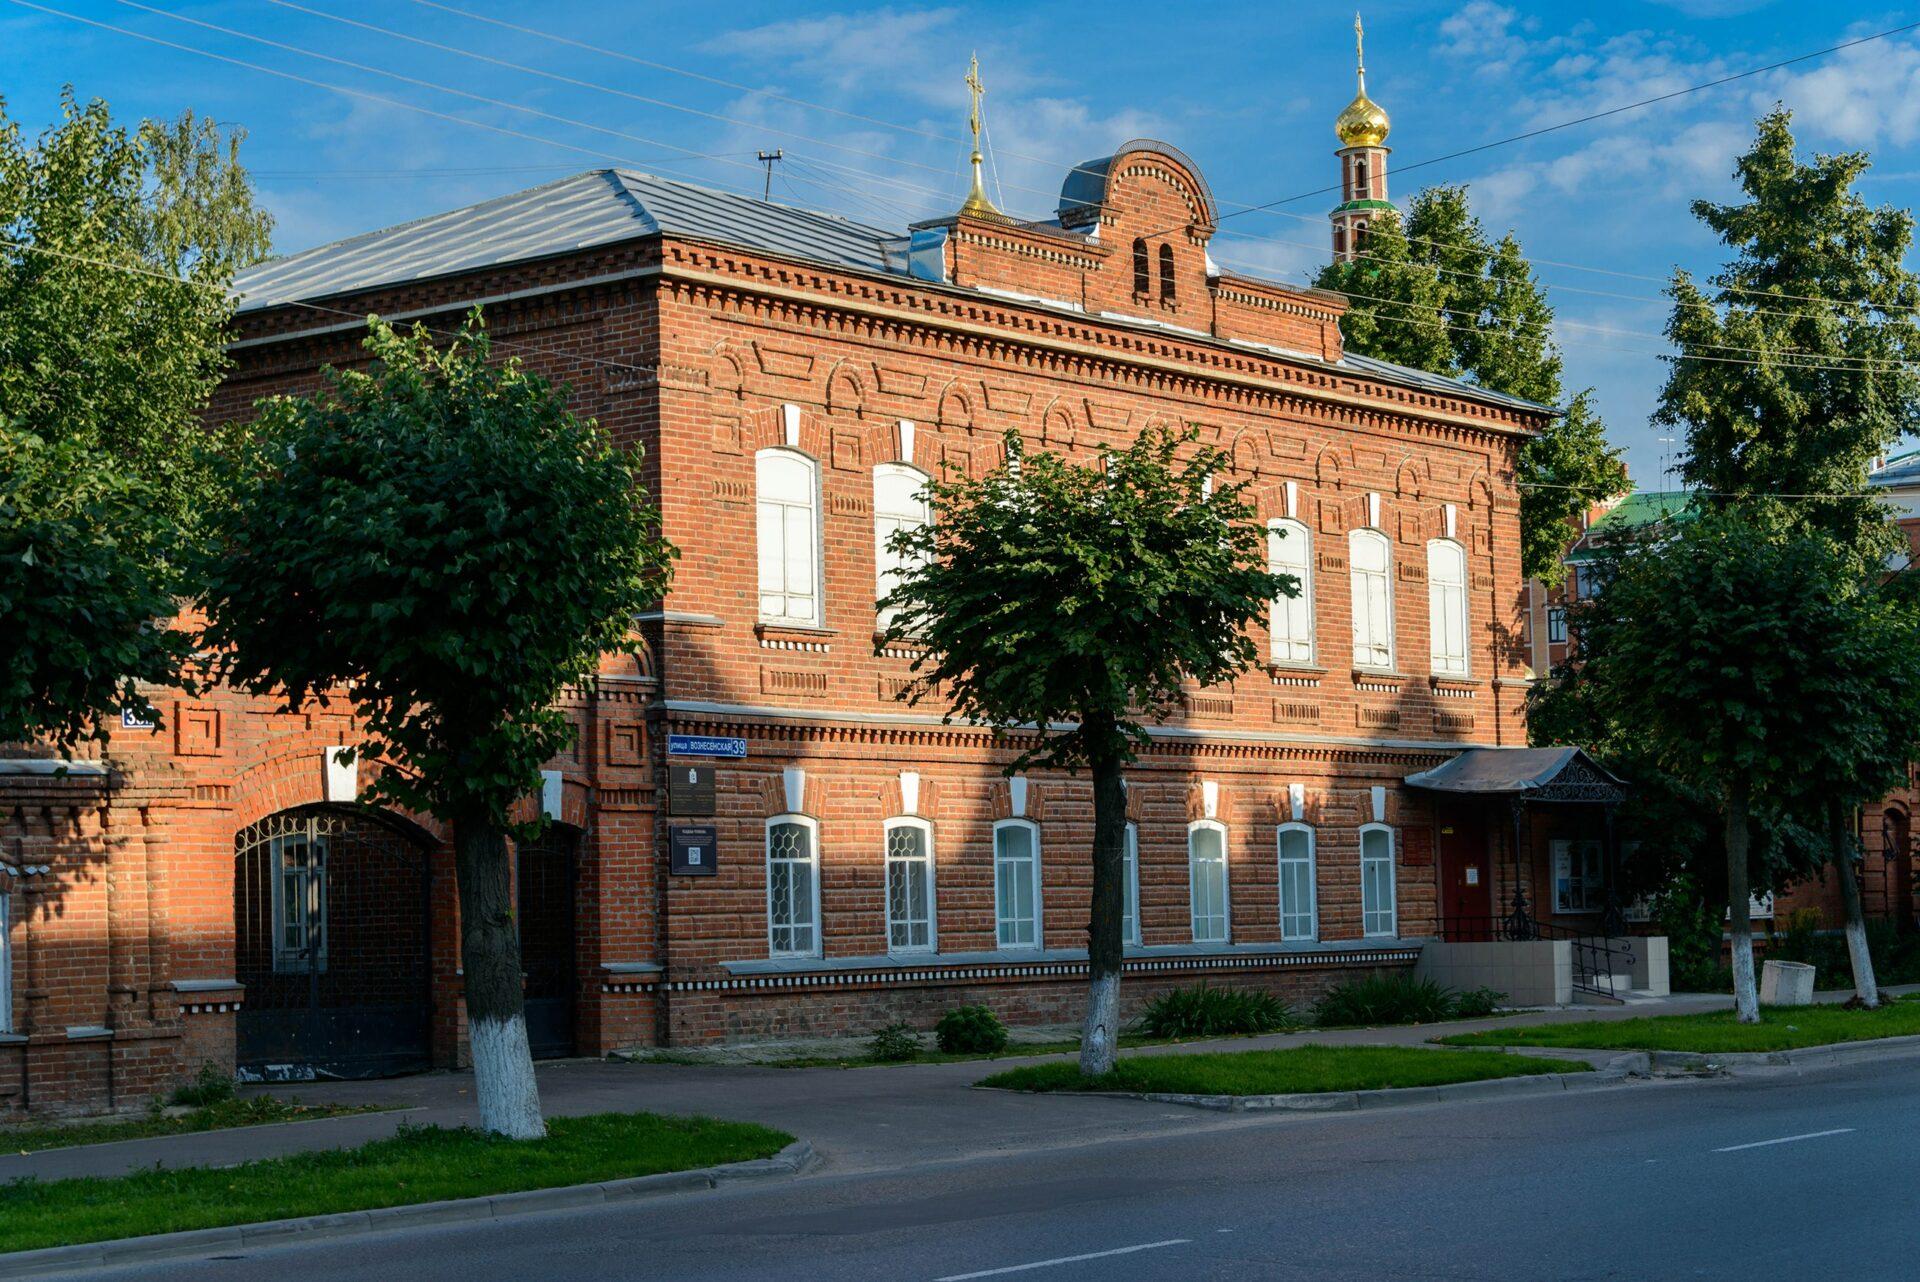 Четверть века исполнилось Музею истории города Йошкар-Олы